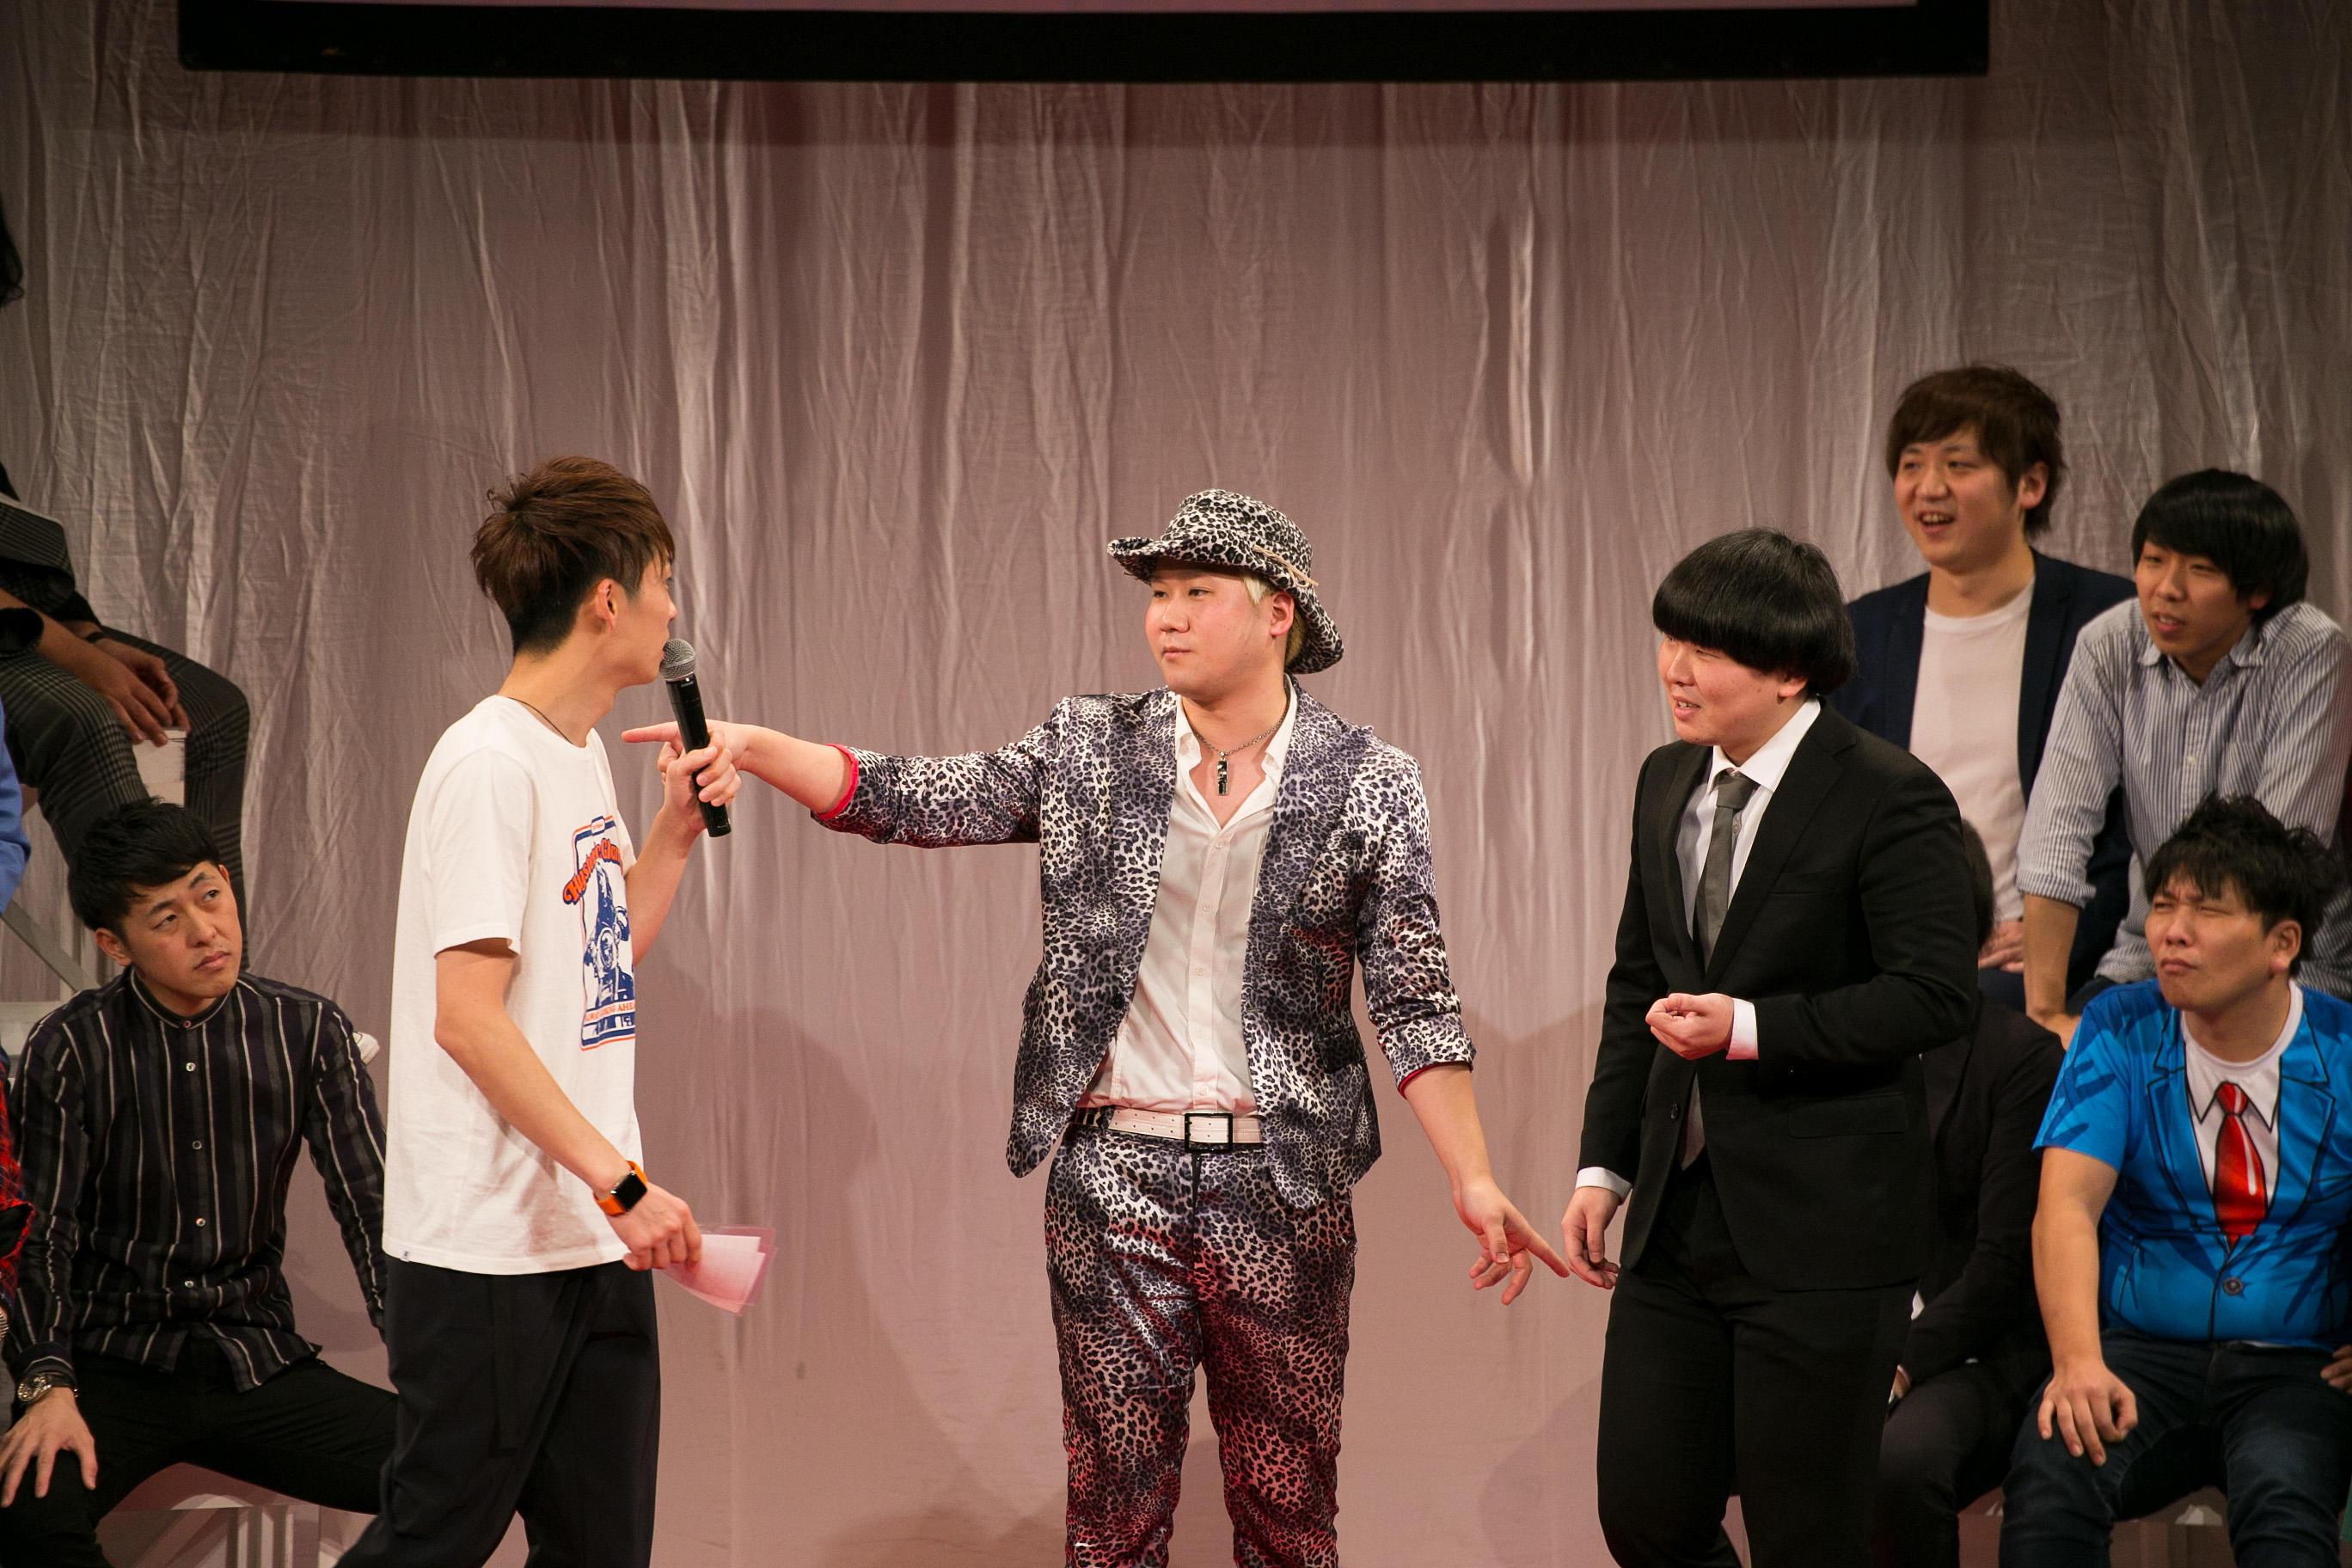 http://news.yoshimoto.co.jp/20181228113346-439e785521e3ff2b000fca65e72e3f4d13039a88.jpg